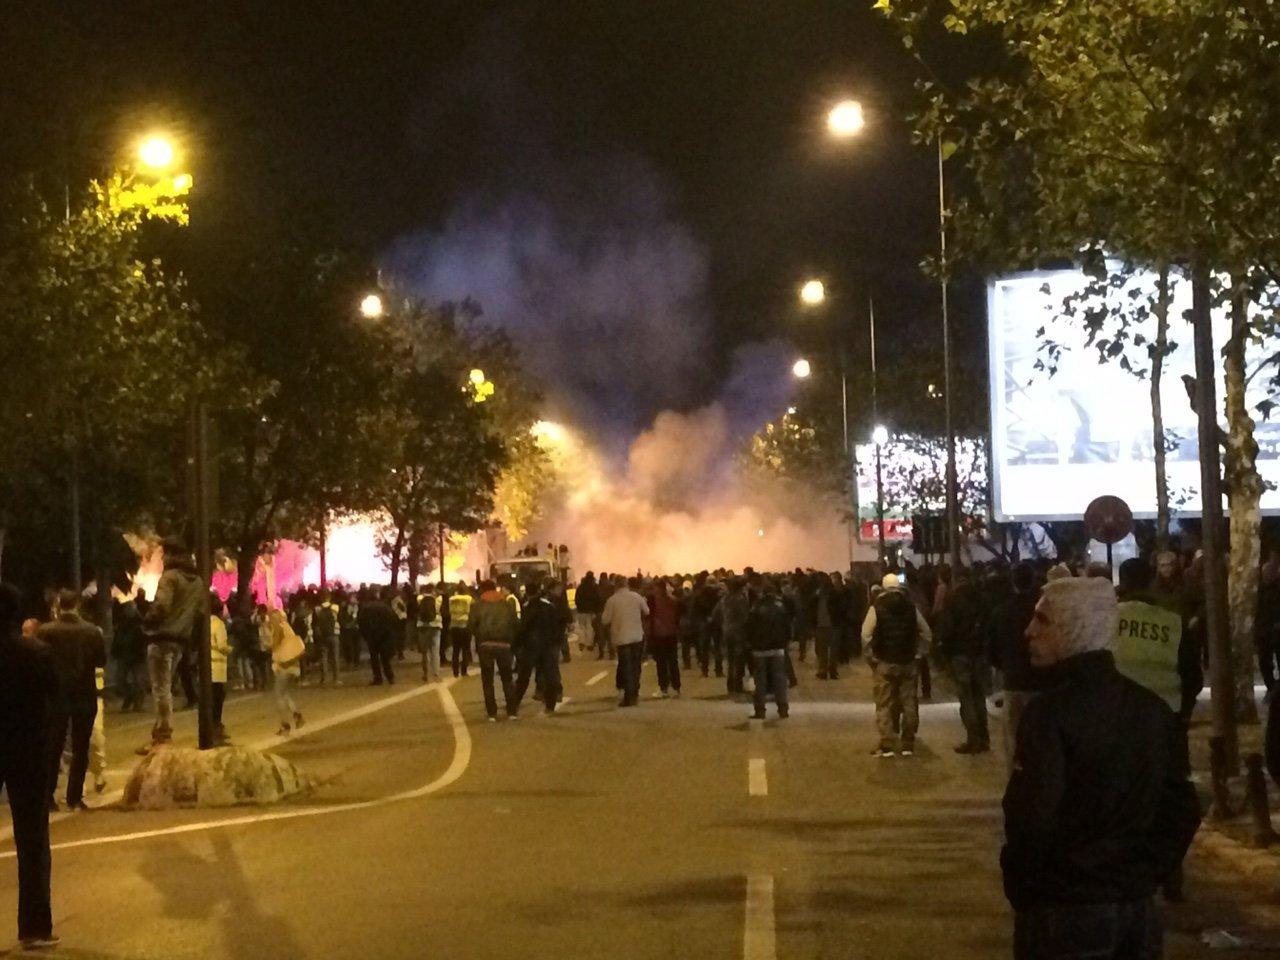 © РИА Новости. Николай Соколов Разгон оппозиции в Подгорице